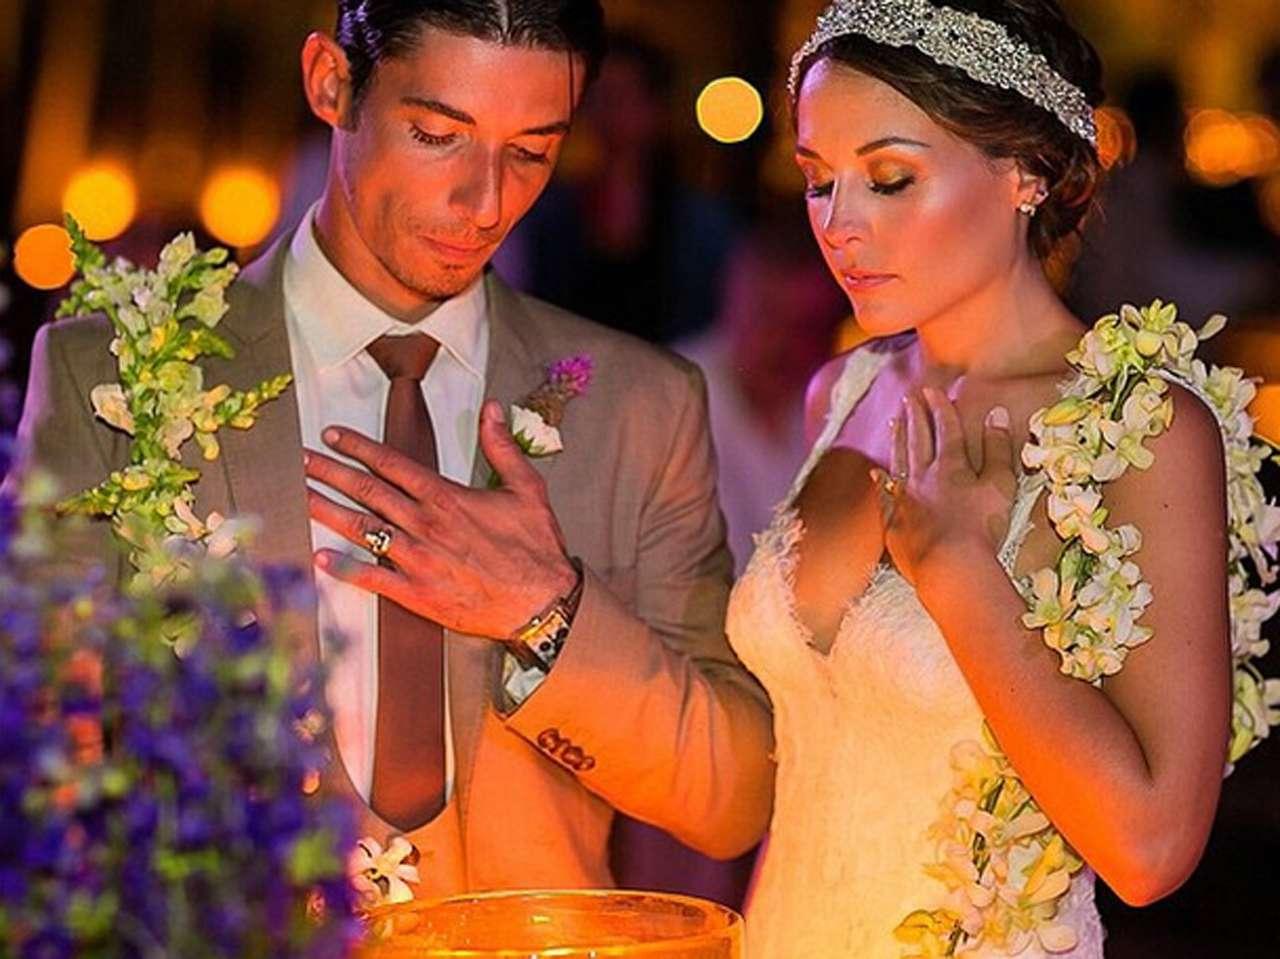 La actriz Zuria Vega y el actor Alberto Guerra ¡ya son marido y mujer! Foto: Instagram.com/zuriavvega